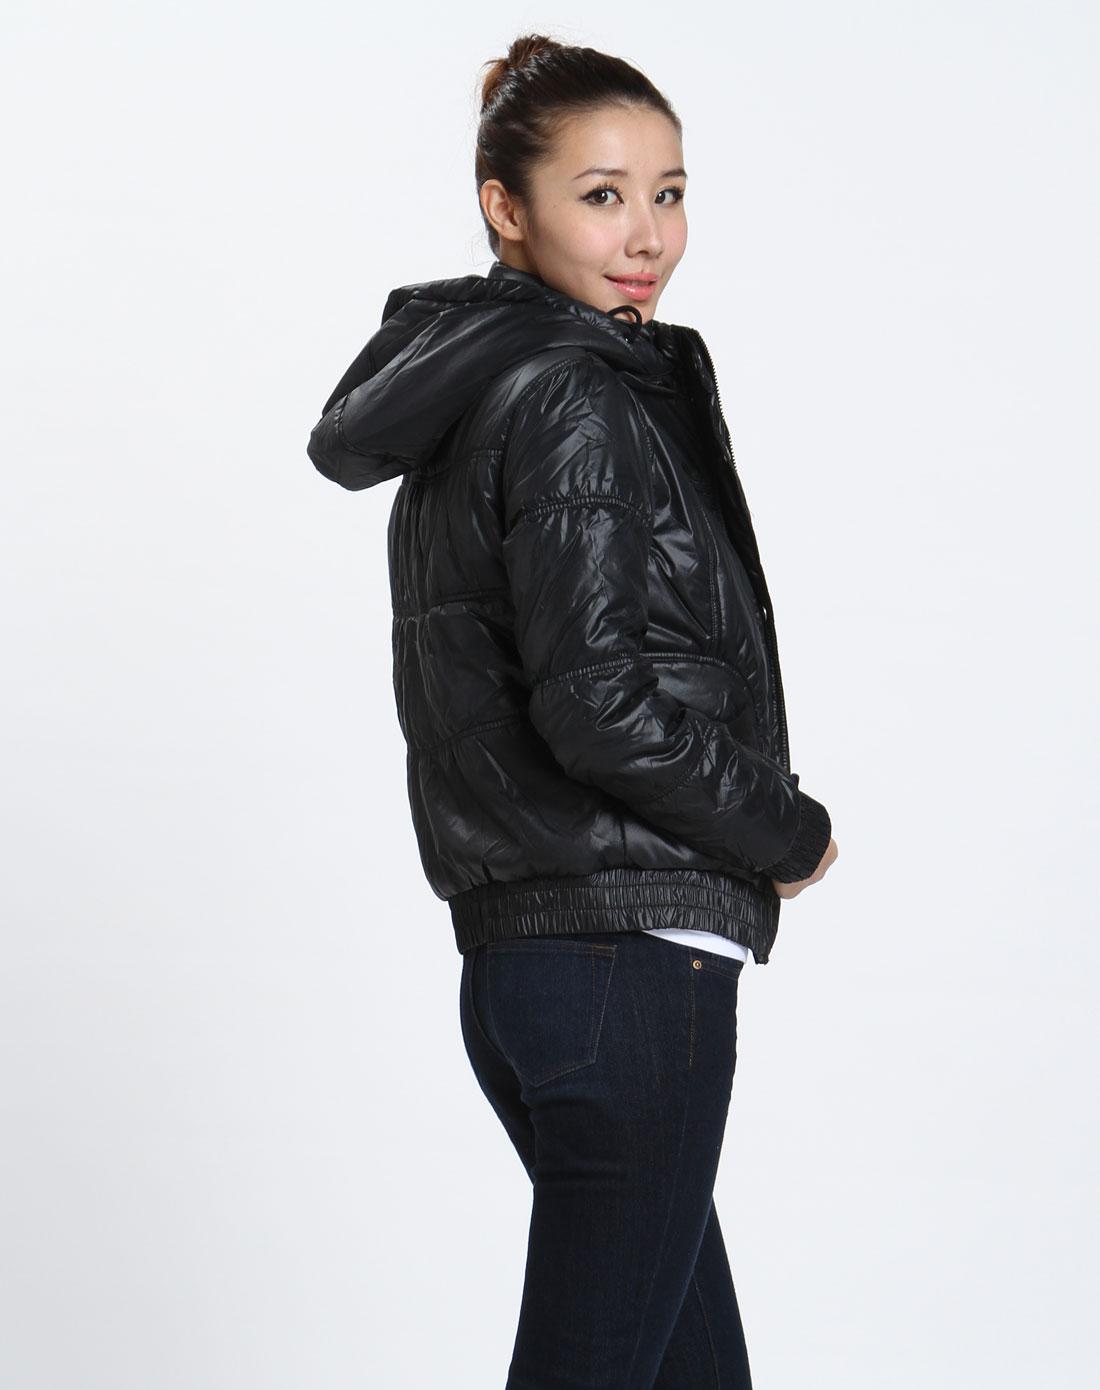 森马-女装-女款黑色连帽长袖外套图片